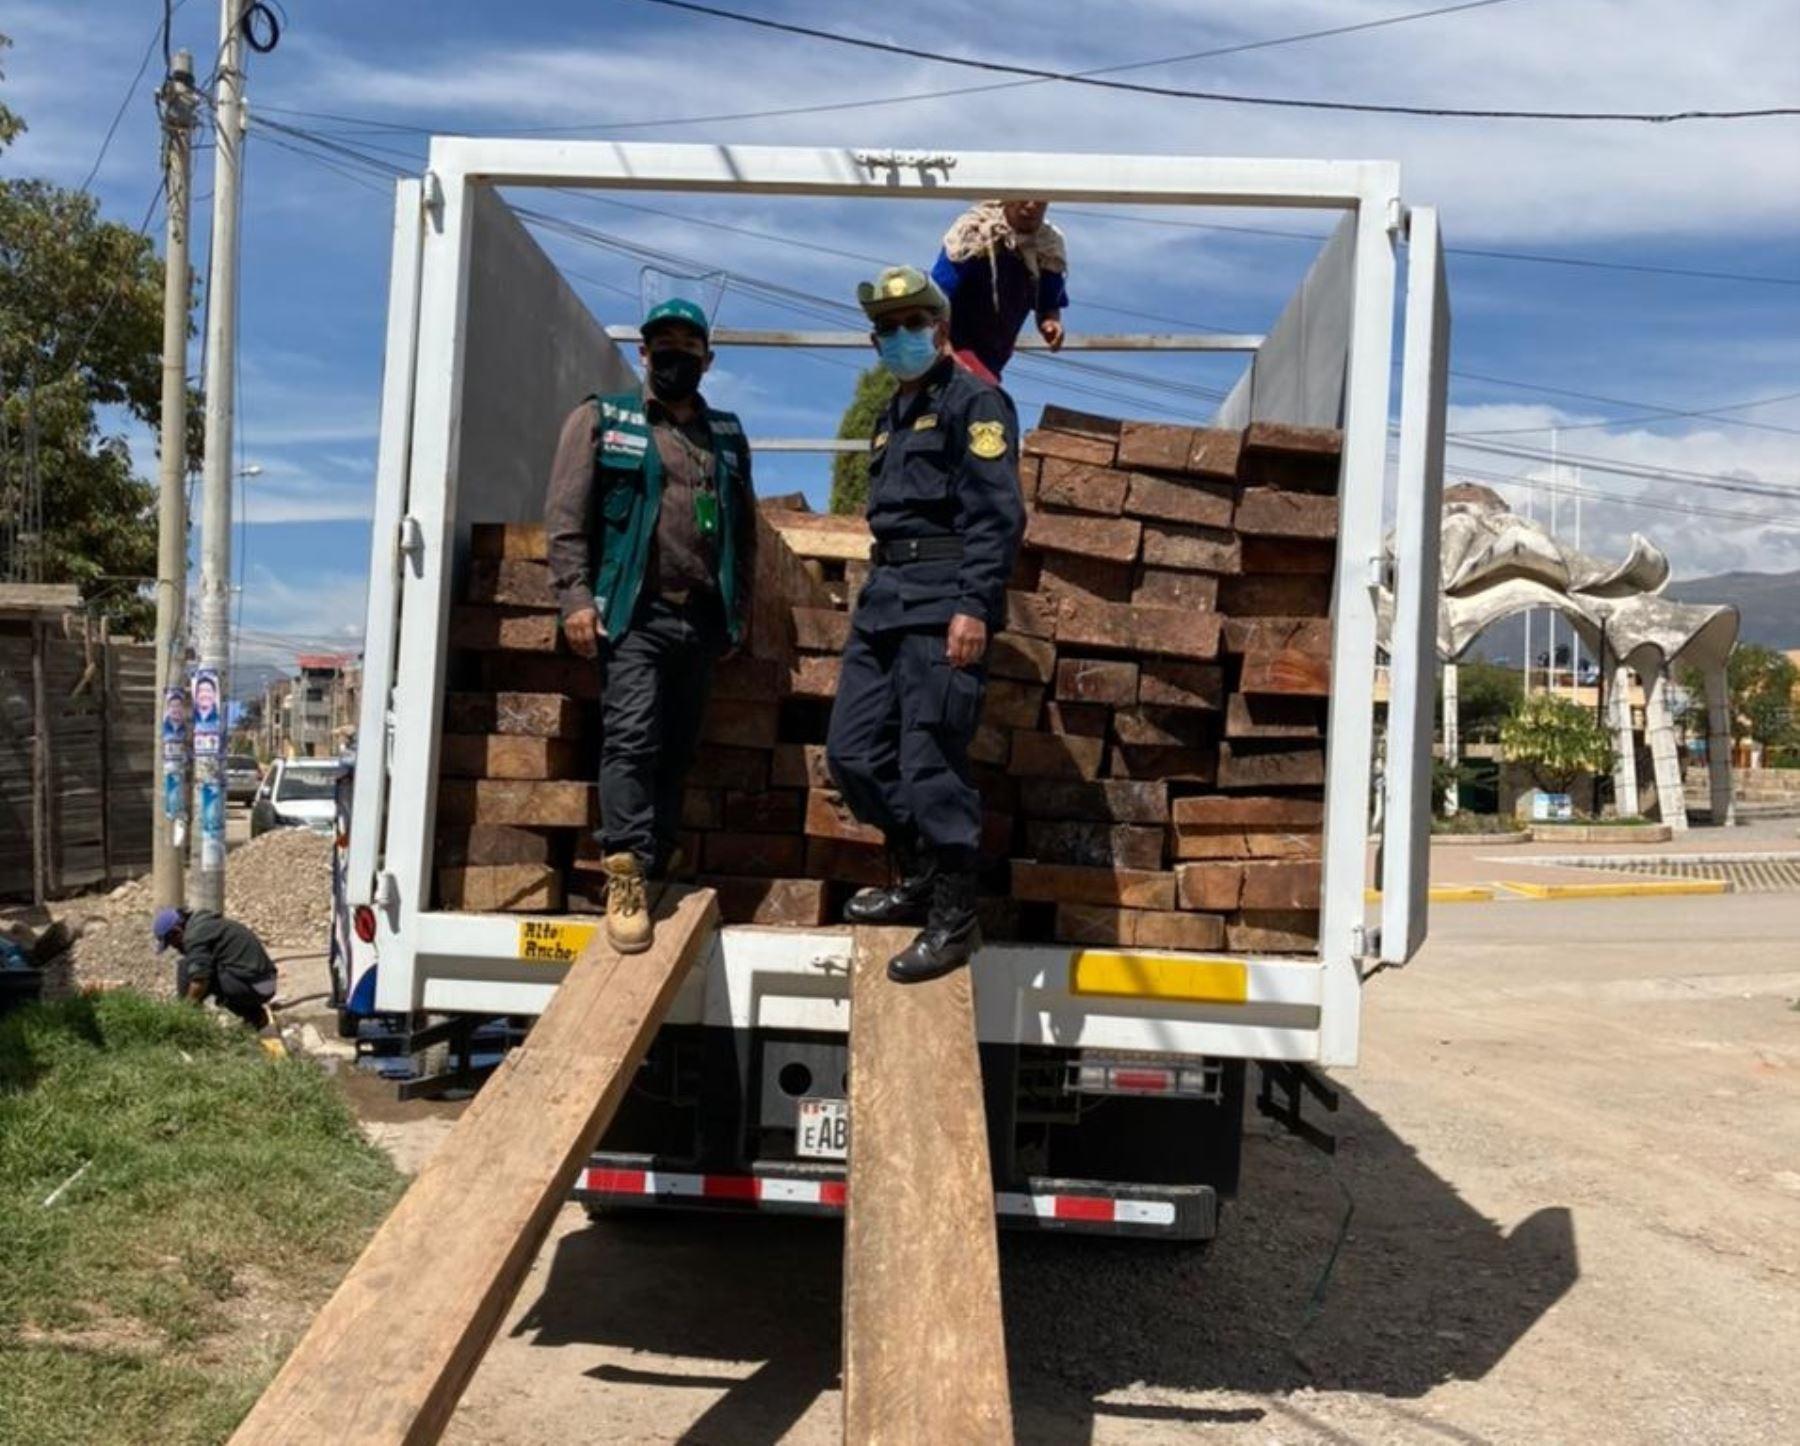 Autoridades intervienen depósito ilegal de madera en la provincia de Huancayo, región Junín, y decomisan más de 20,000 pies tablares. ANDINA/Difusión